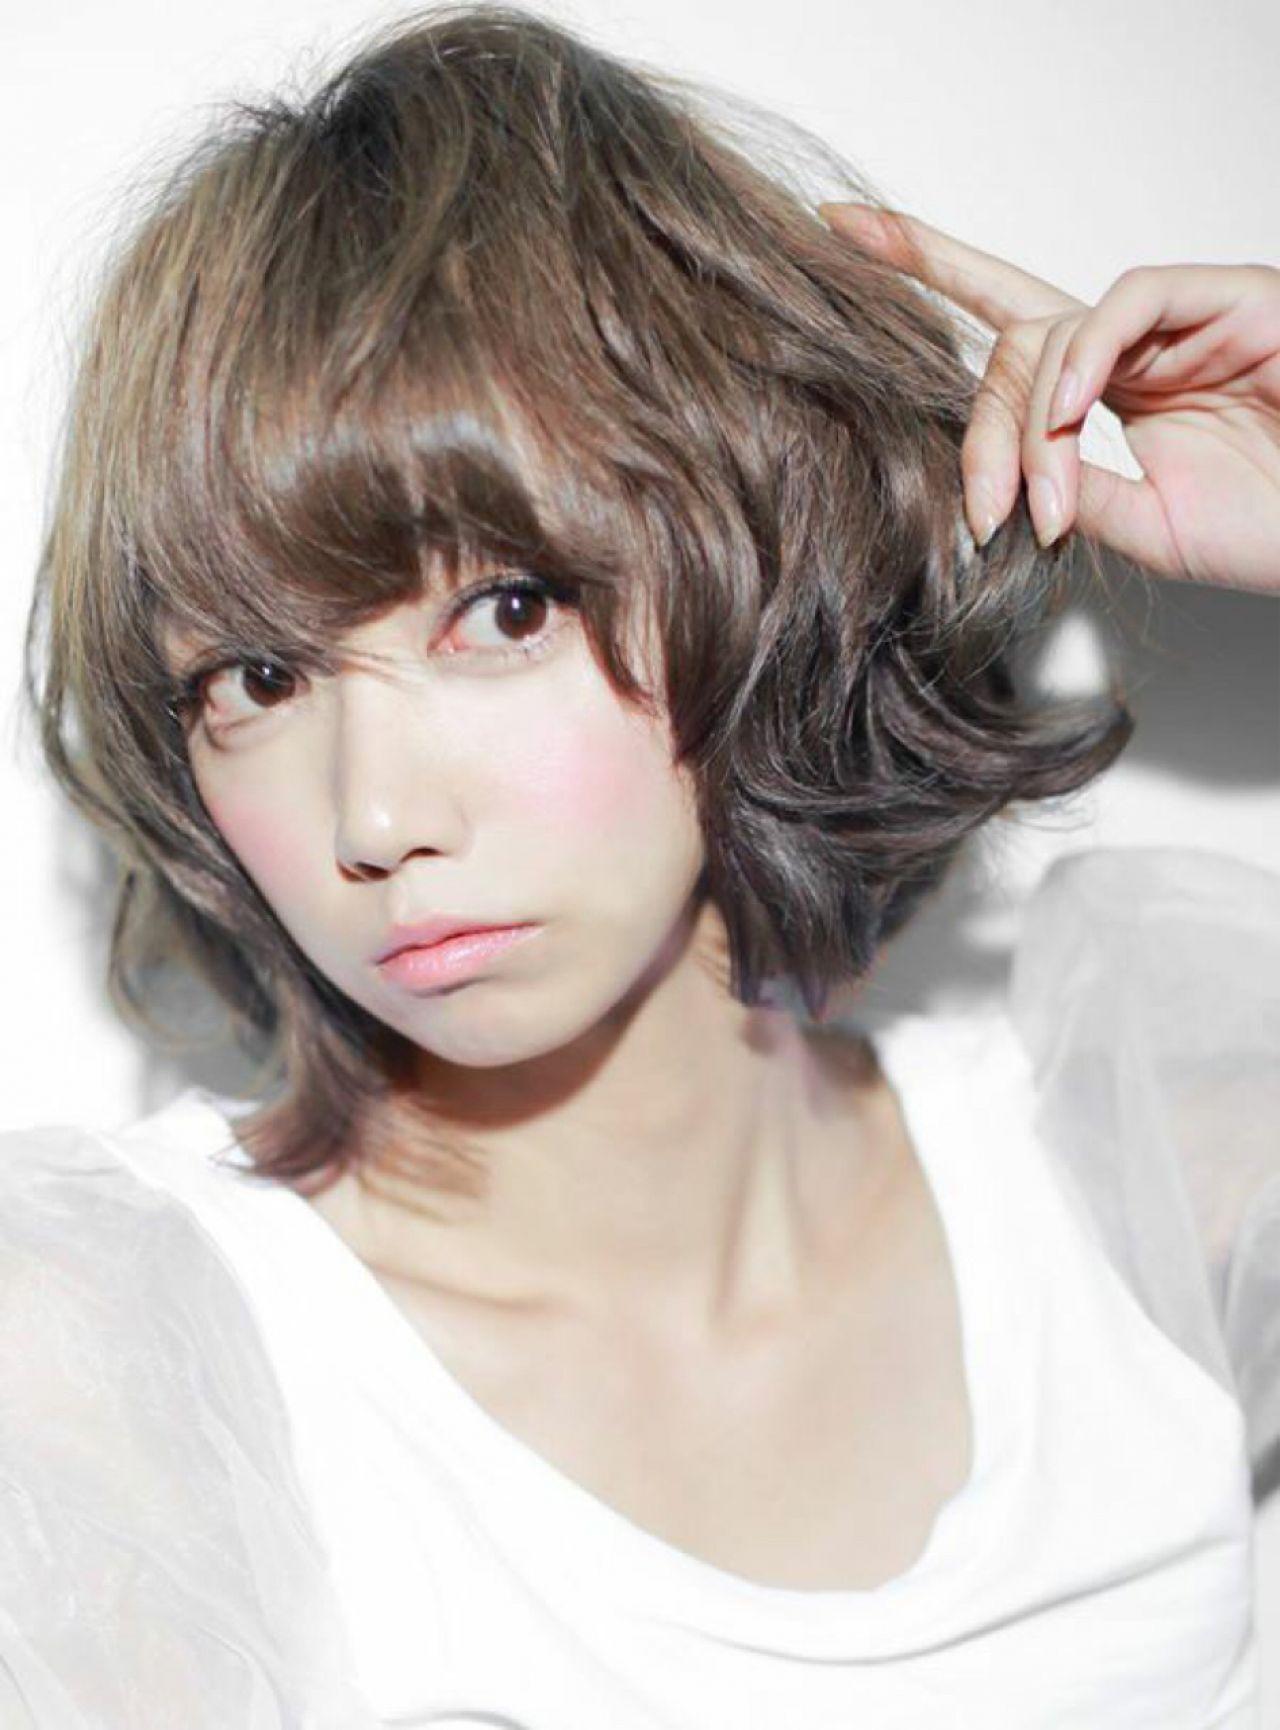 ミディアム パーマ ショート アッシュヘアスタイルや髪型の写真・画像